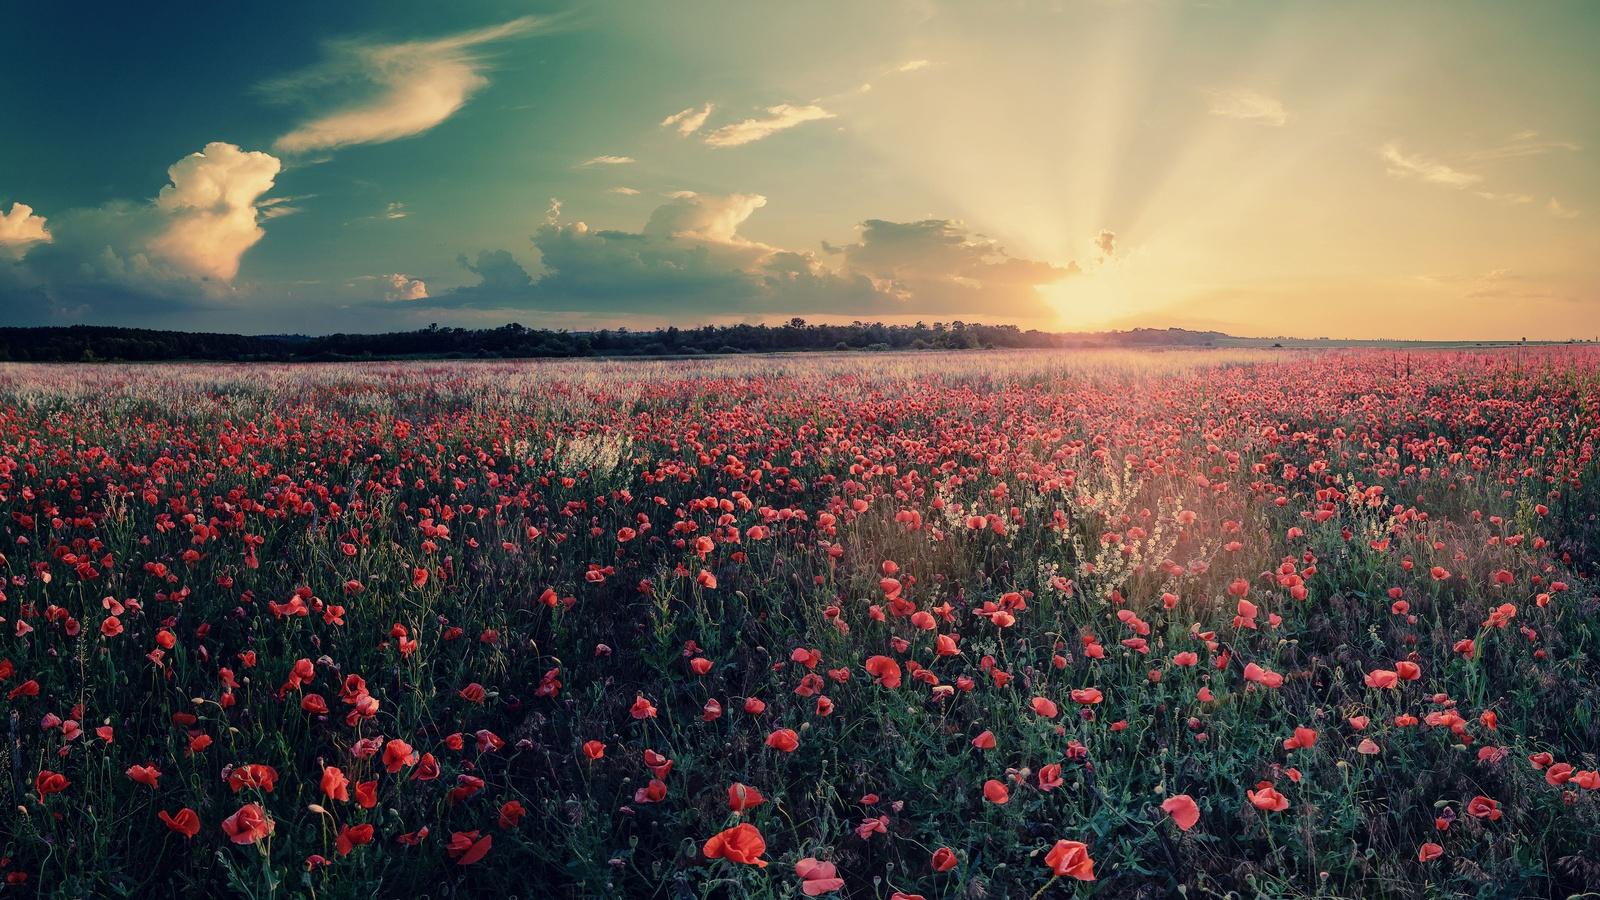 Фото цветы на поле hd